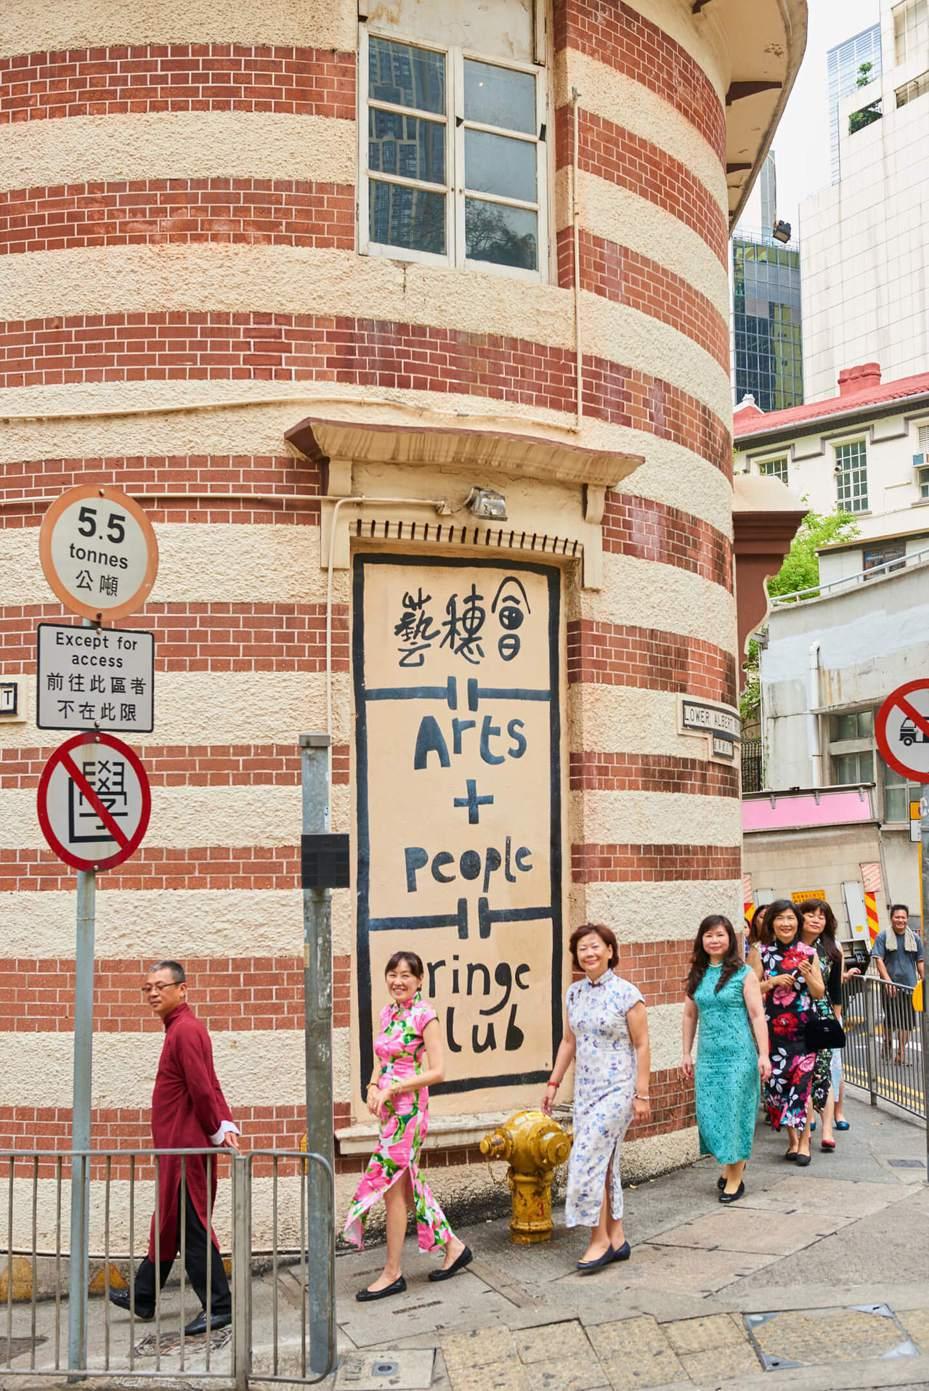 舊城中環的新體驗─穿旗袍漫步舊中環,穿梭在石板街、石牆樹還有塗鴨藝術前拍照,彷彿墜入香港舊時光。圖/港旅局提供